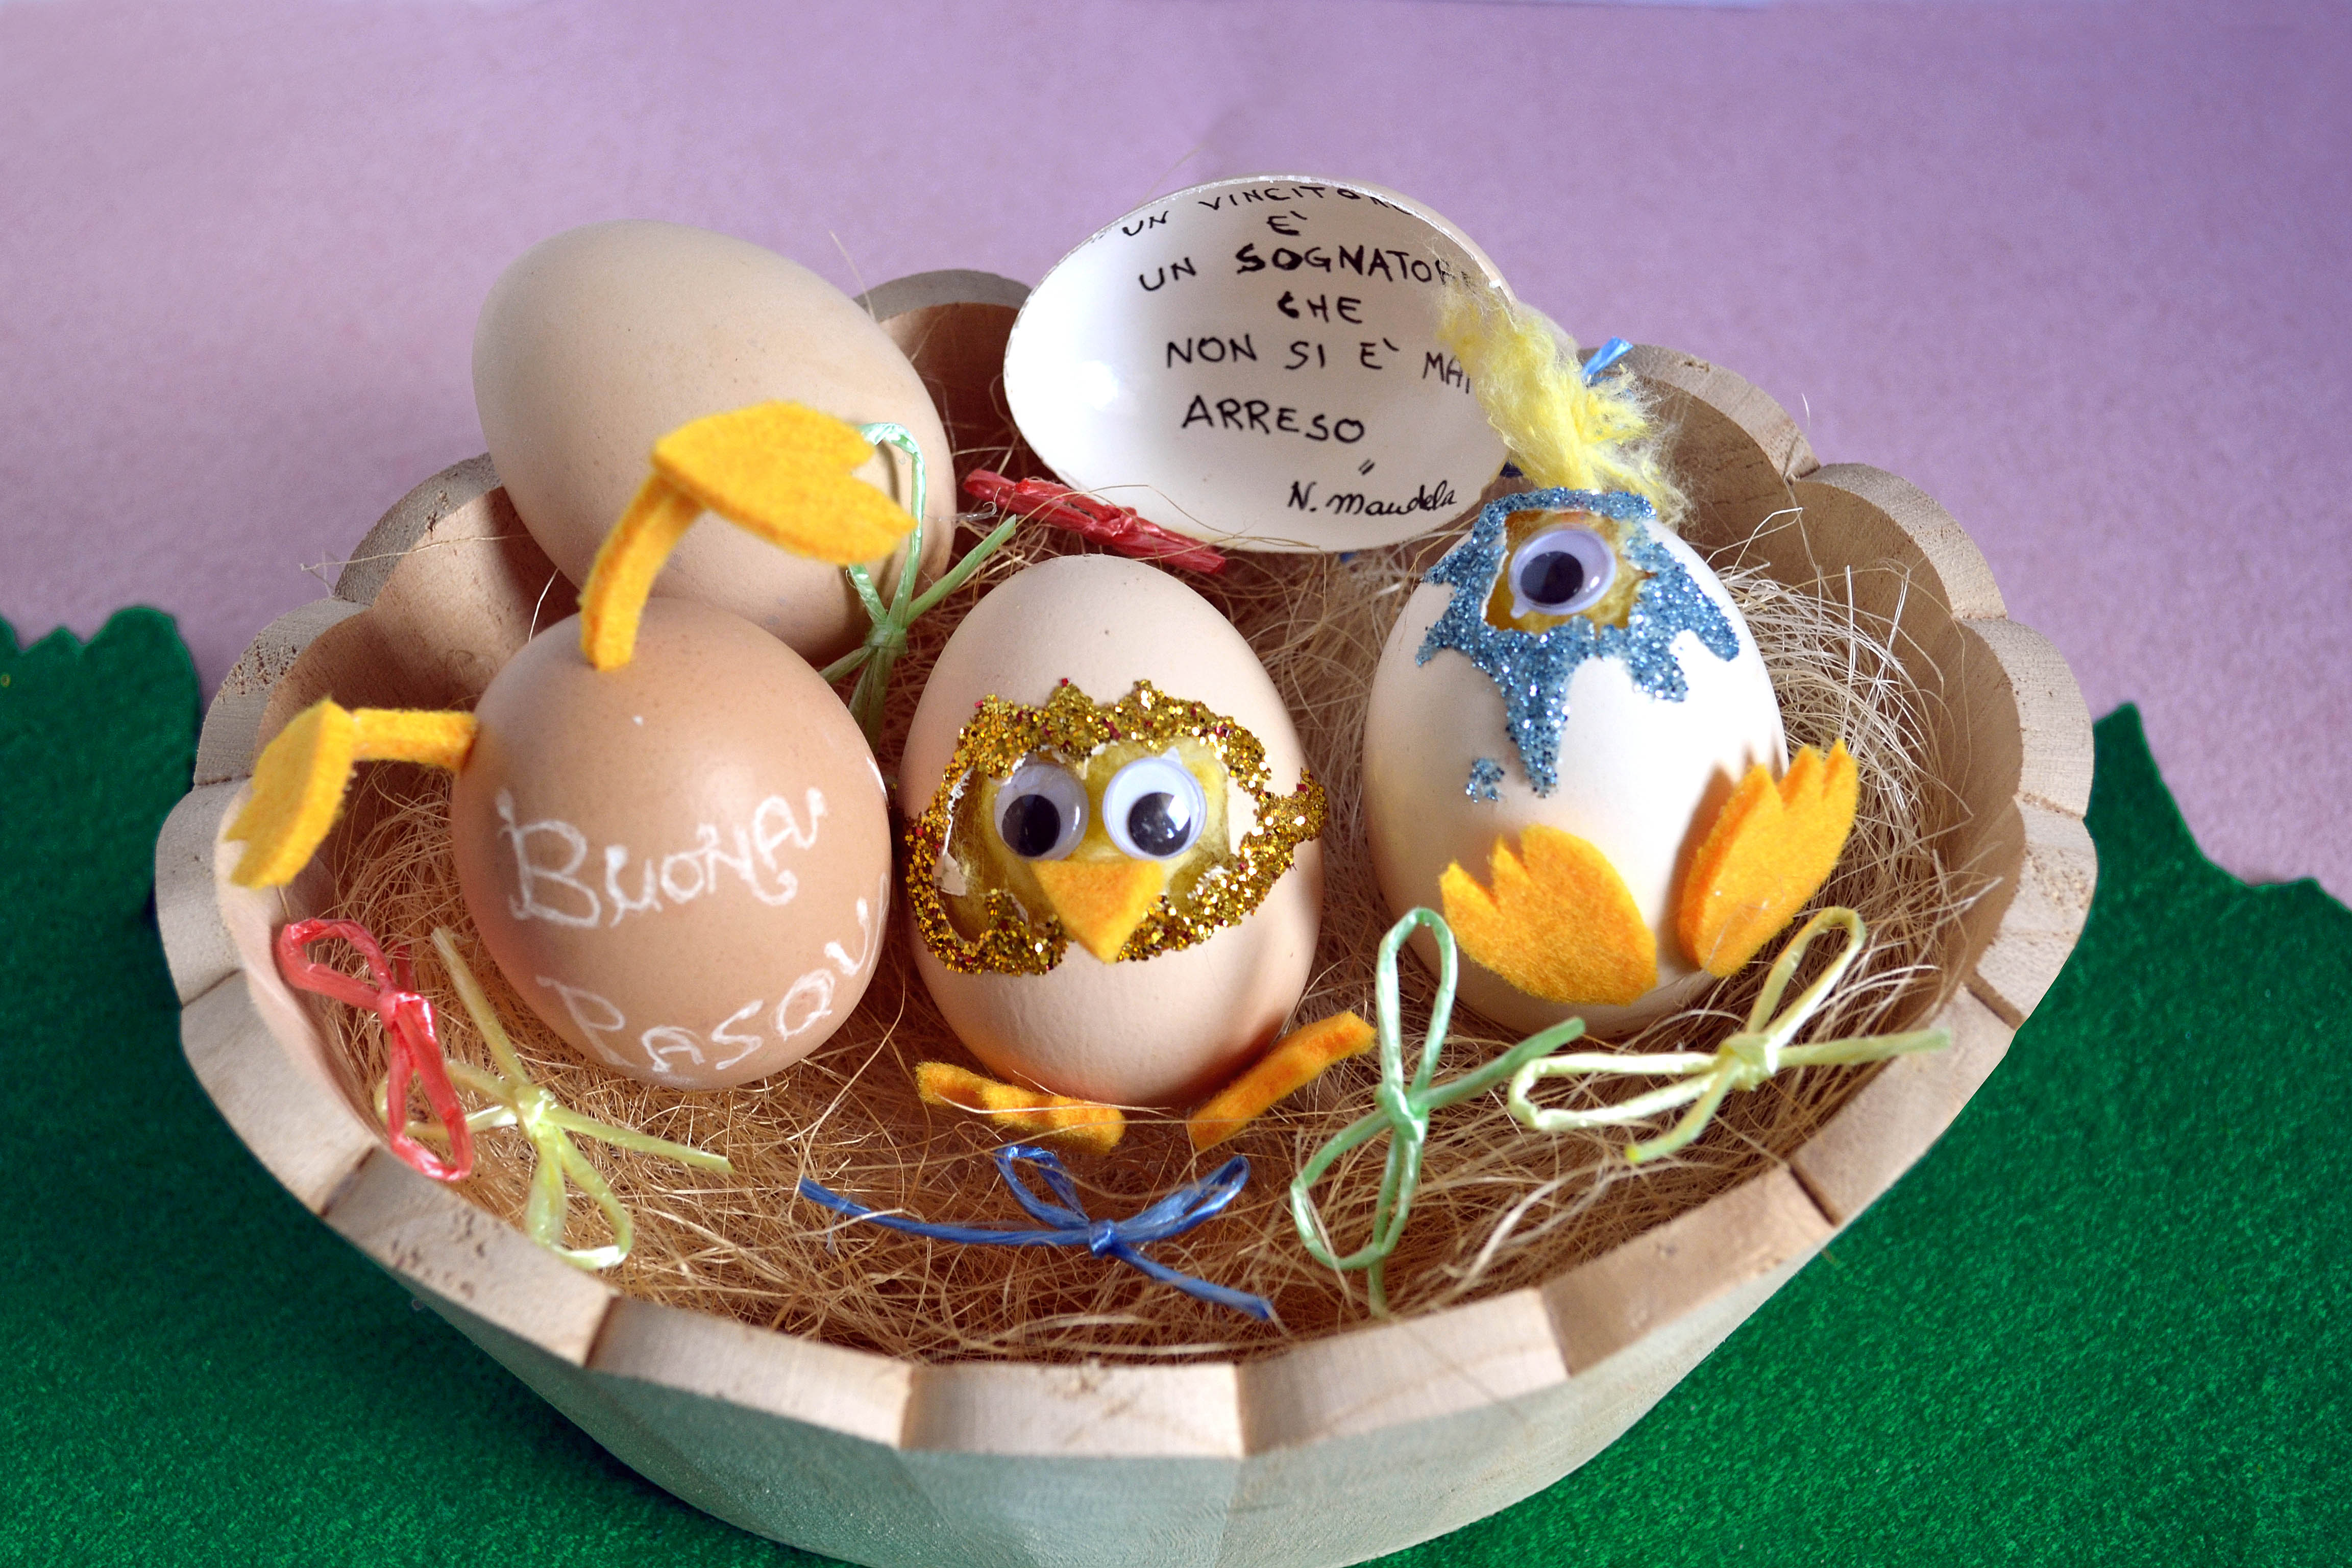 Buona pasqua con le uova decorate e un messaggio - Pasqua uova decorate ...